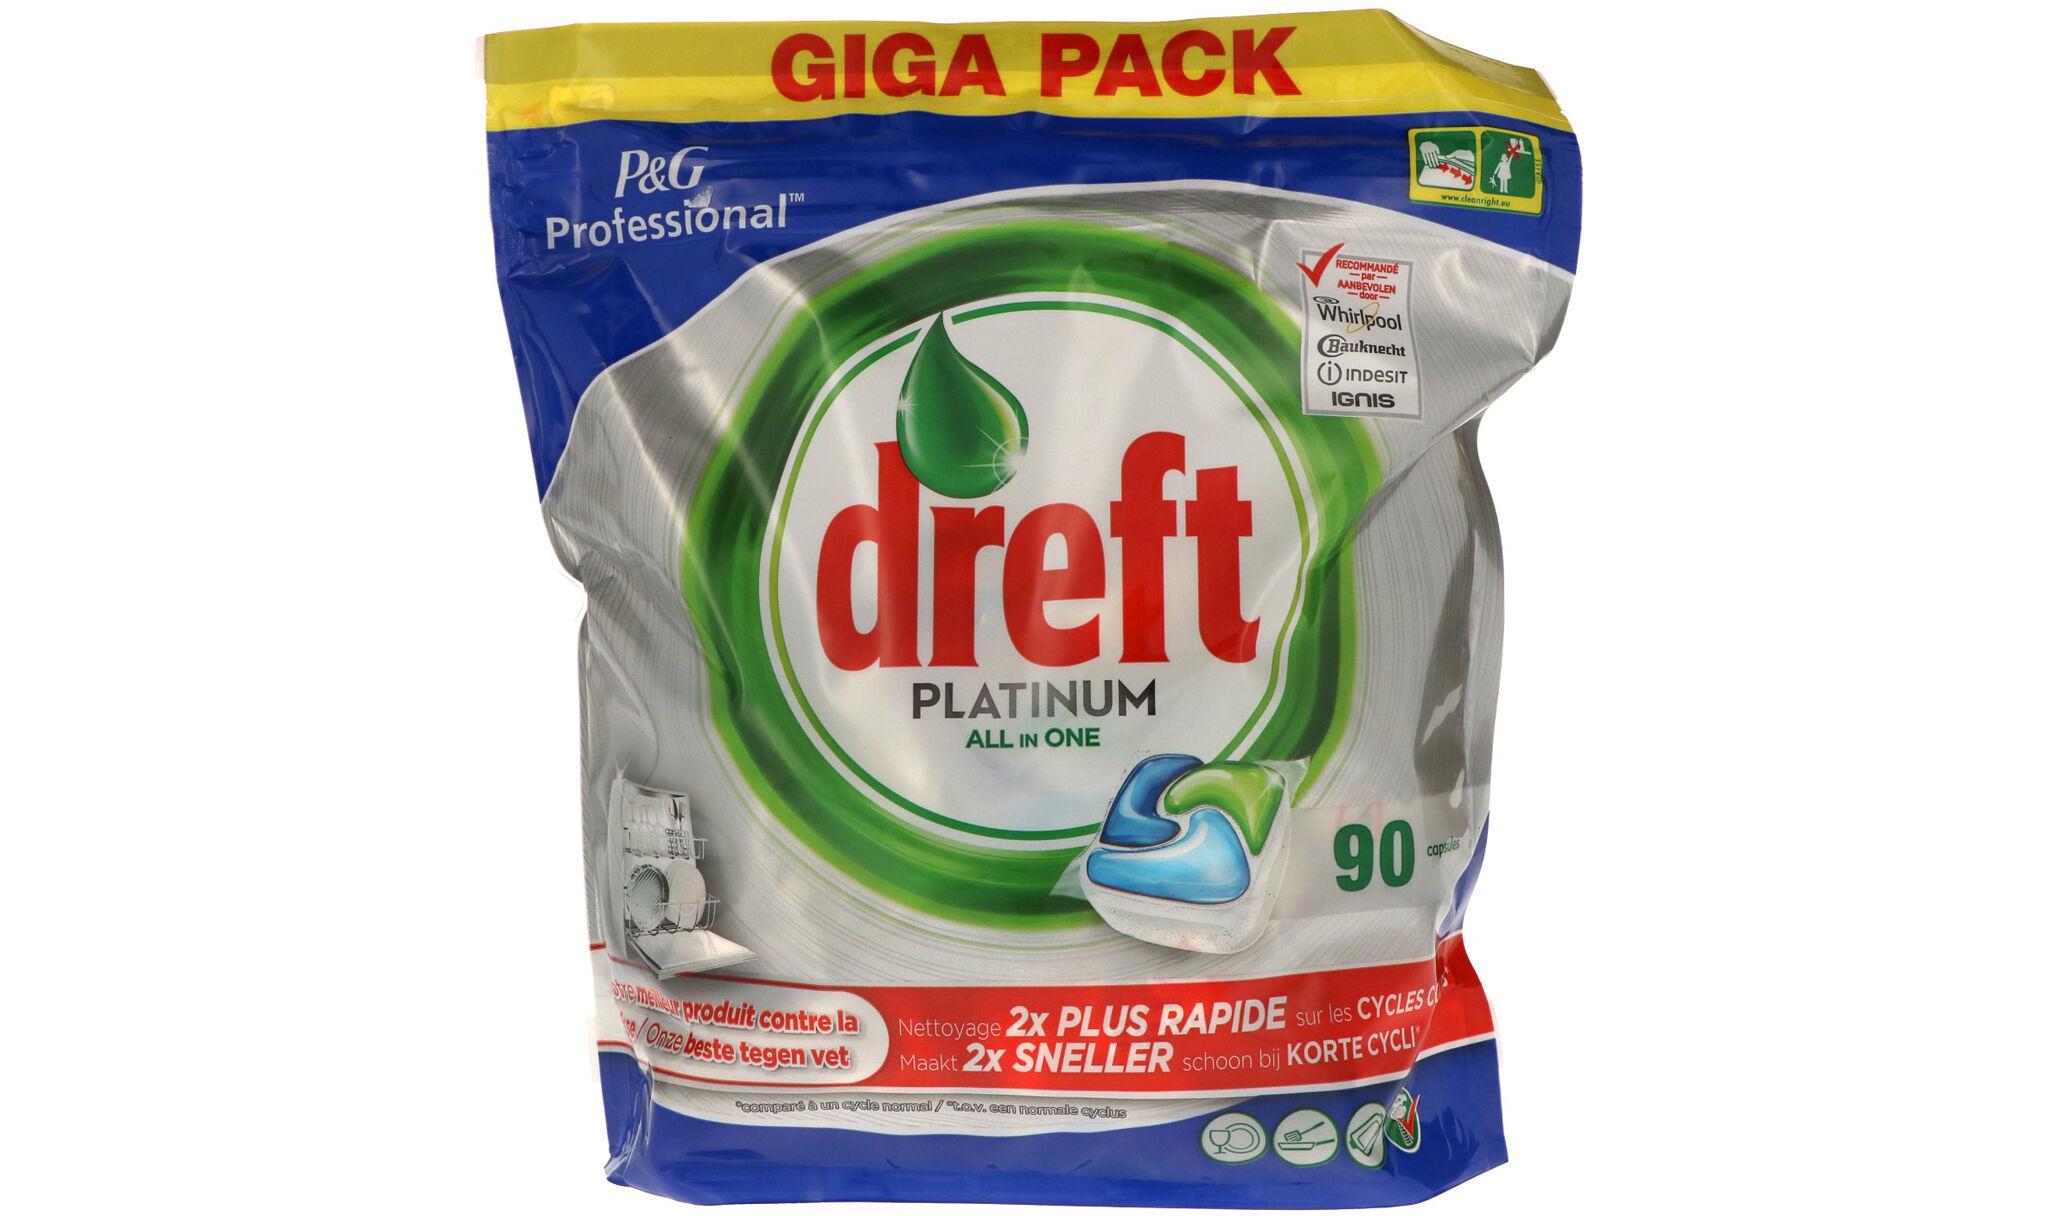 DREFT 1 paquets de 90 tablettes Platinum All in One Dreft : 90 tablettes /